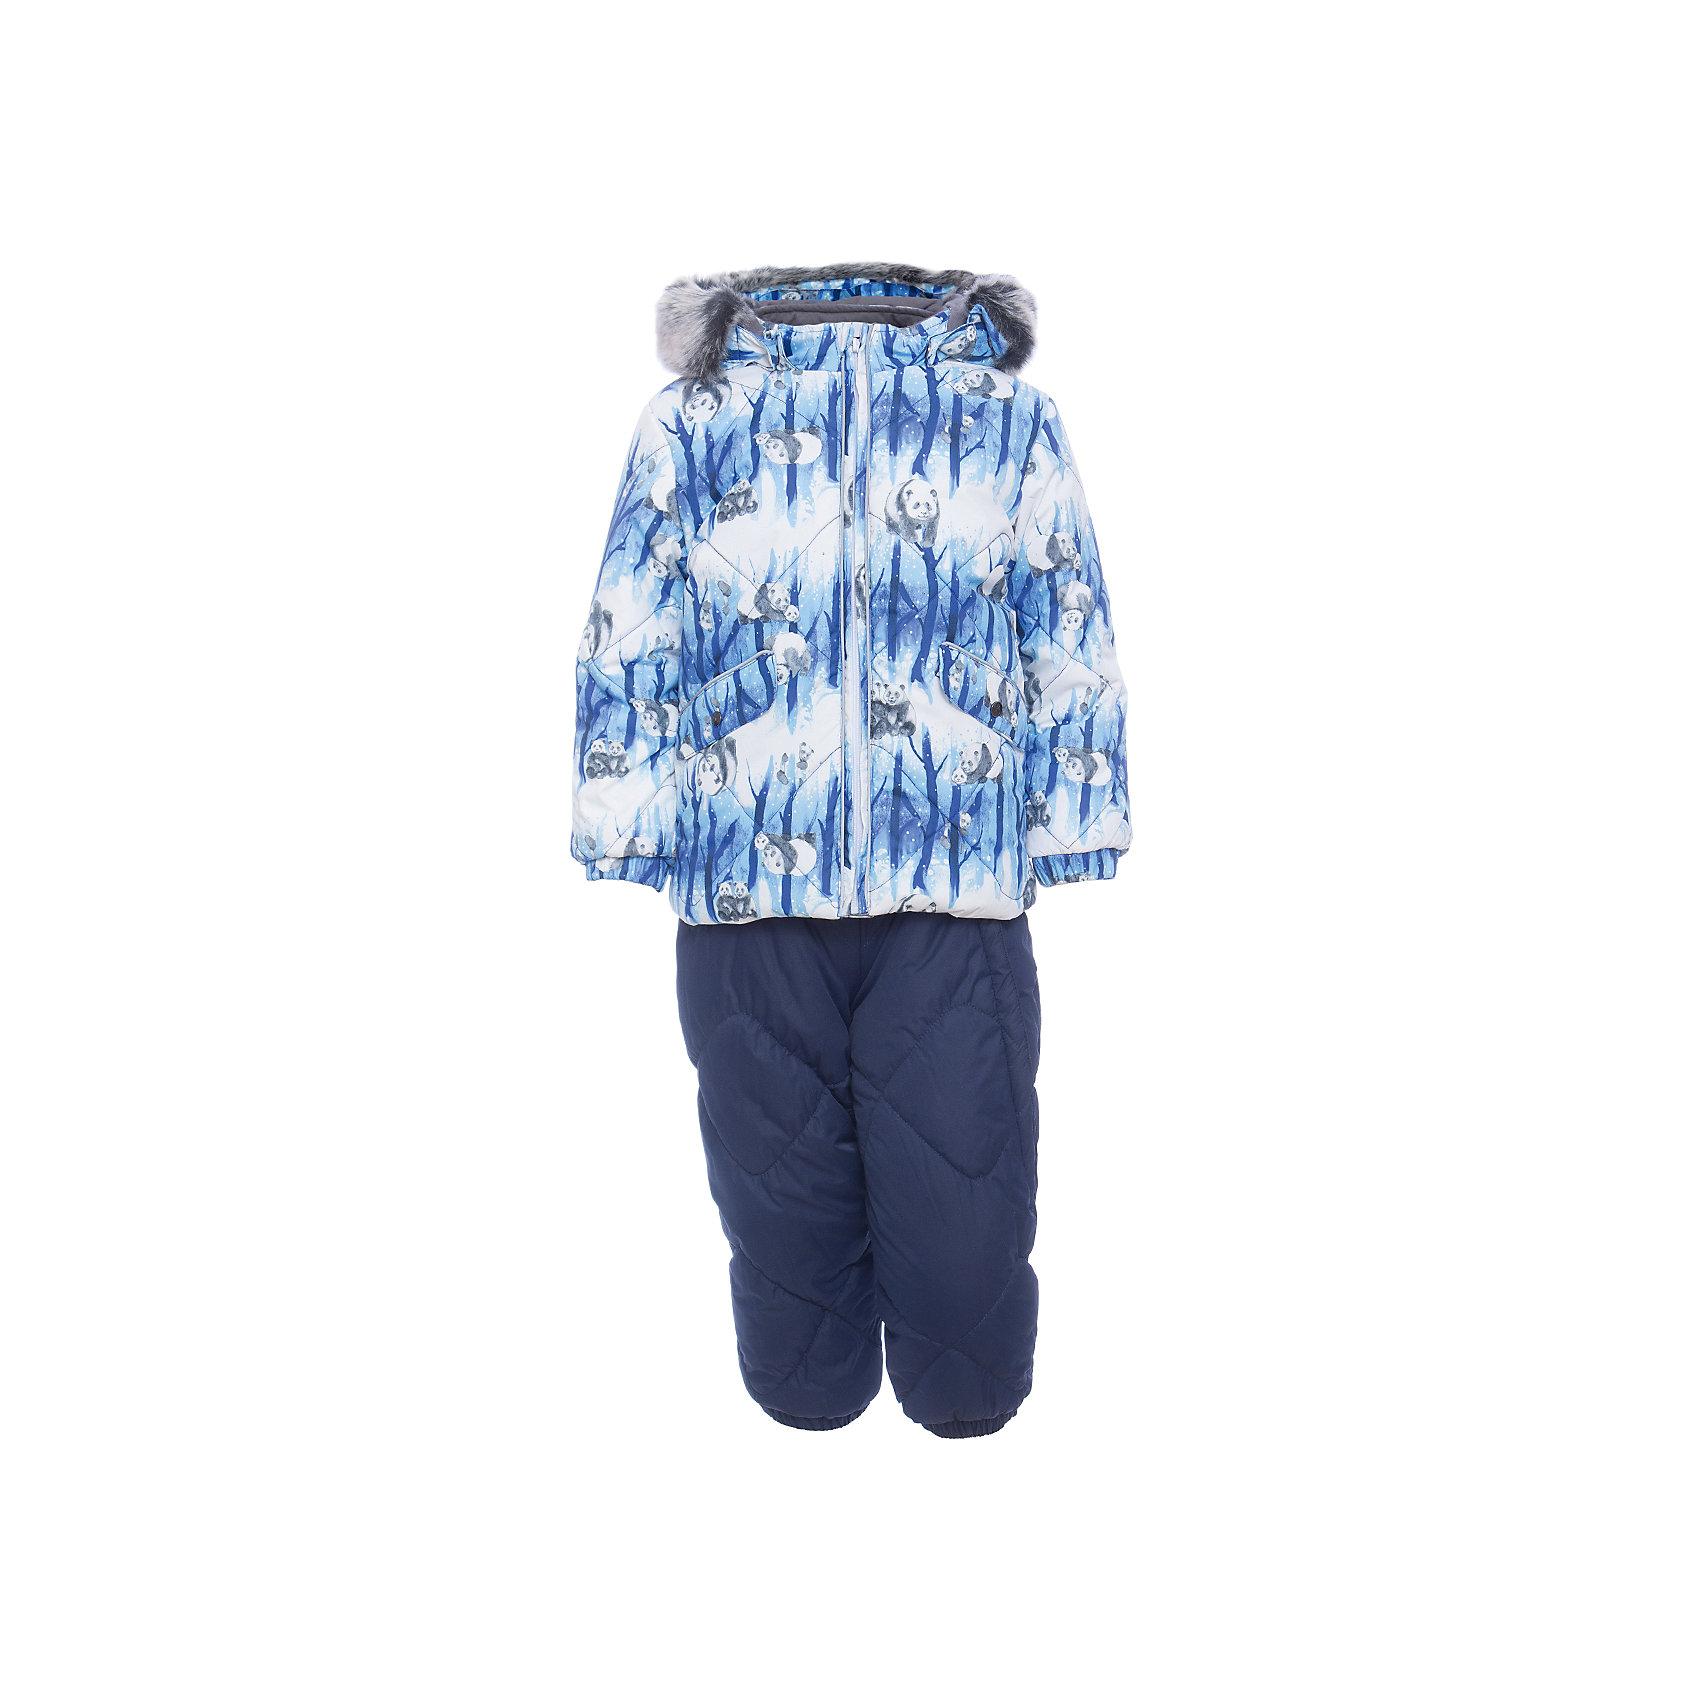 Комплект: куртка и брюки NOELLE 1 HuppaВерхняя одежда<br>Характеристики товара:<br><br>• модель: Noelle 1;<br>• цвет: синий;<br>• состав: 100% полиэстер;<br>• утеплитель: полиэстер, 300 гр куртка / 160гр брюки;<br>• подкладка: куртка: полиэстер - тафта / полукомбинезон: 100% хлопок - фланель;<br>• сезон: зима;<br>• температурный режим: от -5 до - 30С;<br>• водонепроницаемость: 5000 мм  ;<br>• воздухопроницаемость: 5000 г/м2/24ч;<br>• водо- и ветронепроницаемый, дышащий и грязеотталкивающий материал;<br>• особенности модели: c рисунком; с мехом;<br>• капюшон при необходимости отстегивается;<br>• искусственный мех на капюшоне съемный ;<br>• защита подбородка от защемления;<br>• светоотражающих элементов для безопасности ребенка ;<br>• карманы на кнопках;<br>• манжеты рукавов на резинке; <br>• манжеты брюк на резинках;<br>• съемные силиконовые штрипки;<br>• внутренняя регулировка обхвата талии;<br>• страна бренда: Финляндия;<br>• страна изготовитель: Эстония.<br><br>Зимний комплект Noelle 1 бренда HUPPA влагонепроницаемый и дышащий. Куртка с утеплителем 300 гр и брюки с утеплителем 160 гр подойдут на температуру от -5 до -30 градусов. Подкладка —фланель - 100% хлопок,тафта.<br><br>Функциональные элементы: Куртка: капюшон отстегивается с помощью кнопок, мех отстегивается, защита подбородка от защемления, мягкая меховая подкладка, карманы на кнопках, манжеты на резинке, светоотражающие элементы. Брюки: регулируемые лямки, удлиненная косая молния, карман без застежек, подол штанин на резинке, съемные силиконовые штрипки, светоотражающие элементы. <br><br>Зимний комплект Noelle 1 бренда HUPPA  можно купить в нашем интернет-магазине.<br><br>Ширина мм: 356<br>Глубина мм: 10<br>Высота мм: 245<br>Вес г: 519<br>Цвет: синий<br>Возраст от месяцев: 36<br>Возраст до месяцев: 48<br>Пол: Унисекс<br>Возраст: Детский<br>Размер: 104,74,80,86,92,98<br>SKU: 7024677